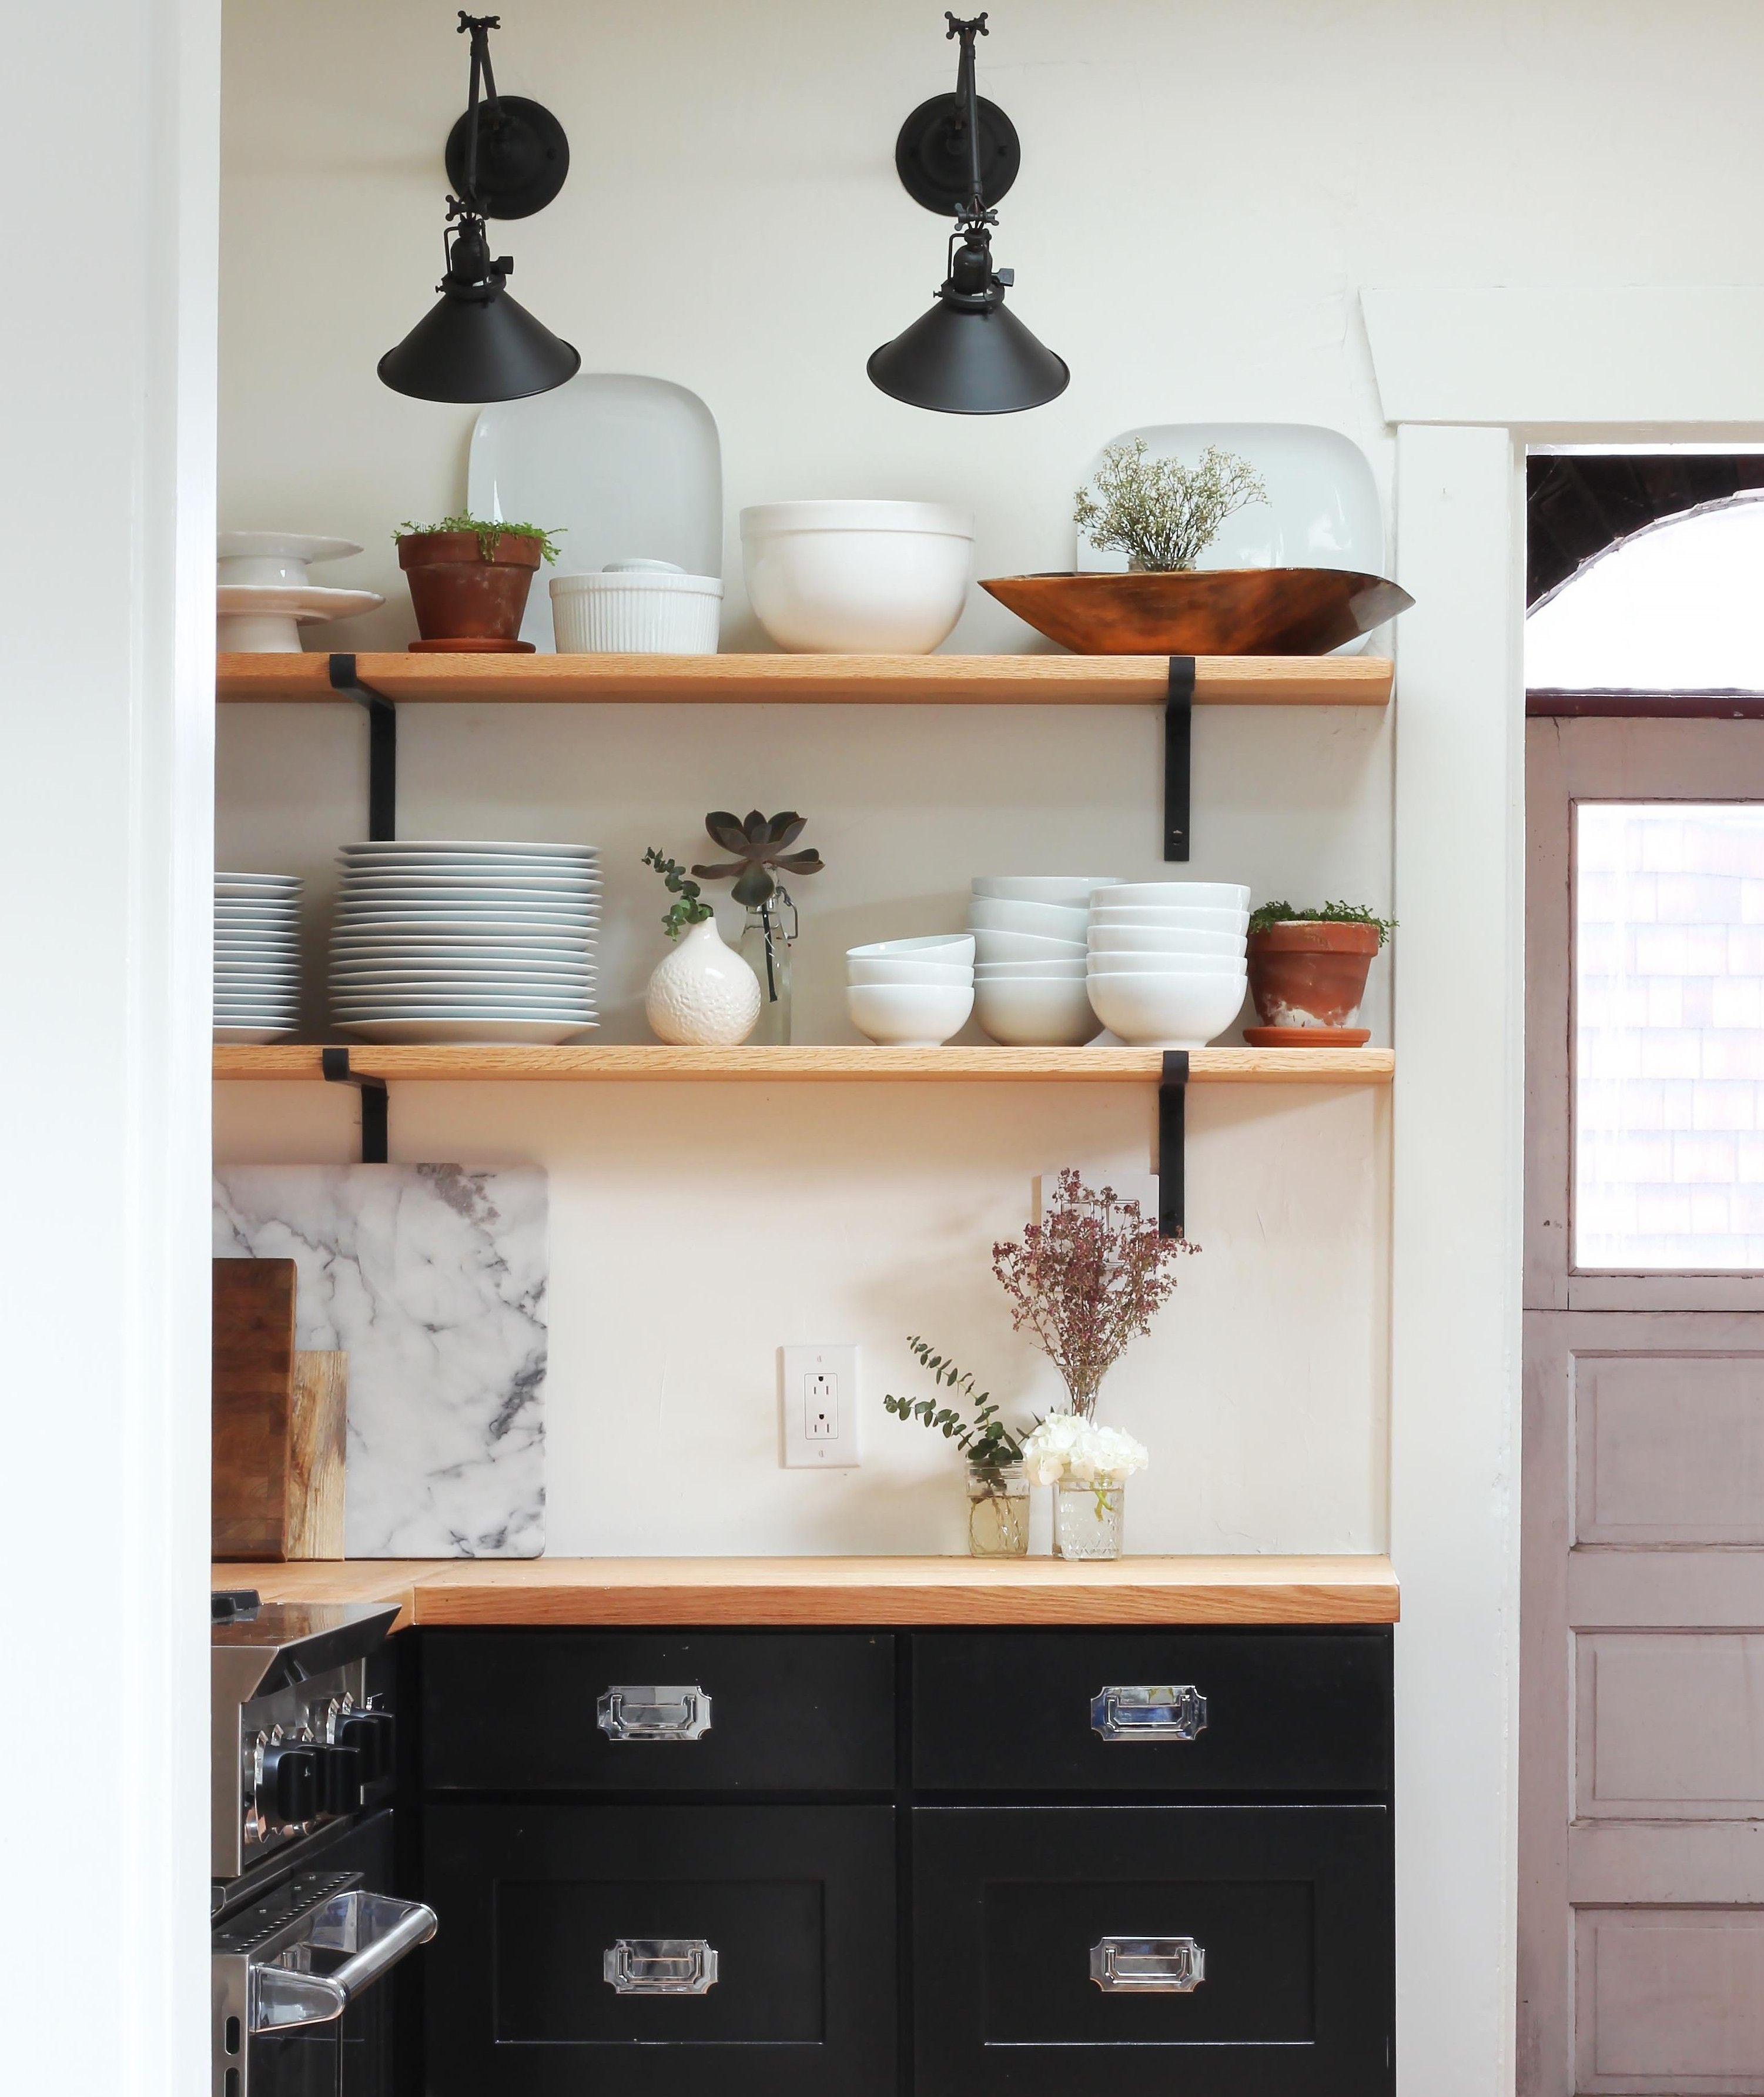 Dexter Kitchen Backsplash Tile The Grit And Polish Renovaiton Open Shelves